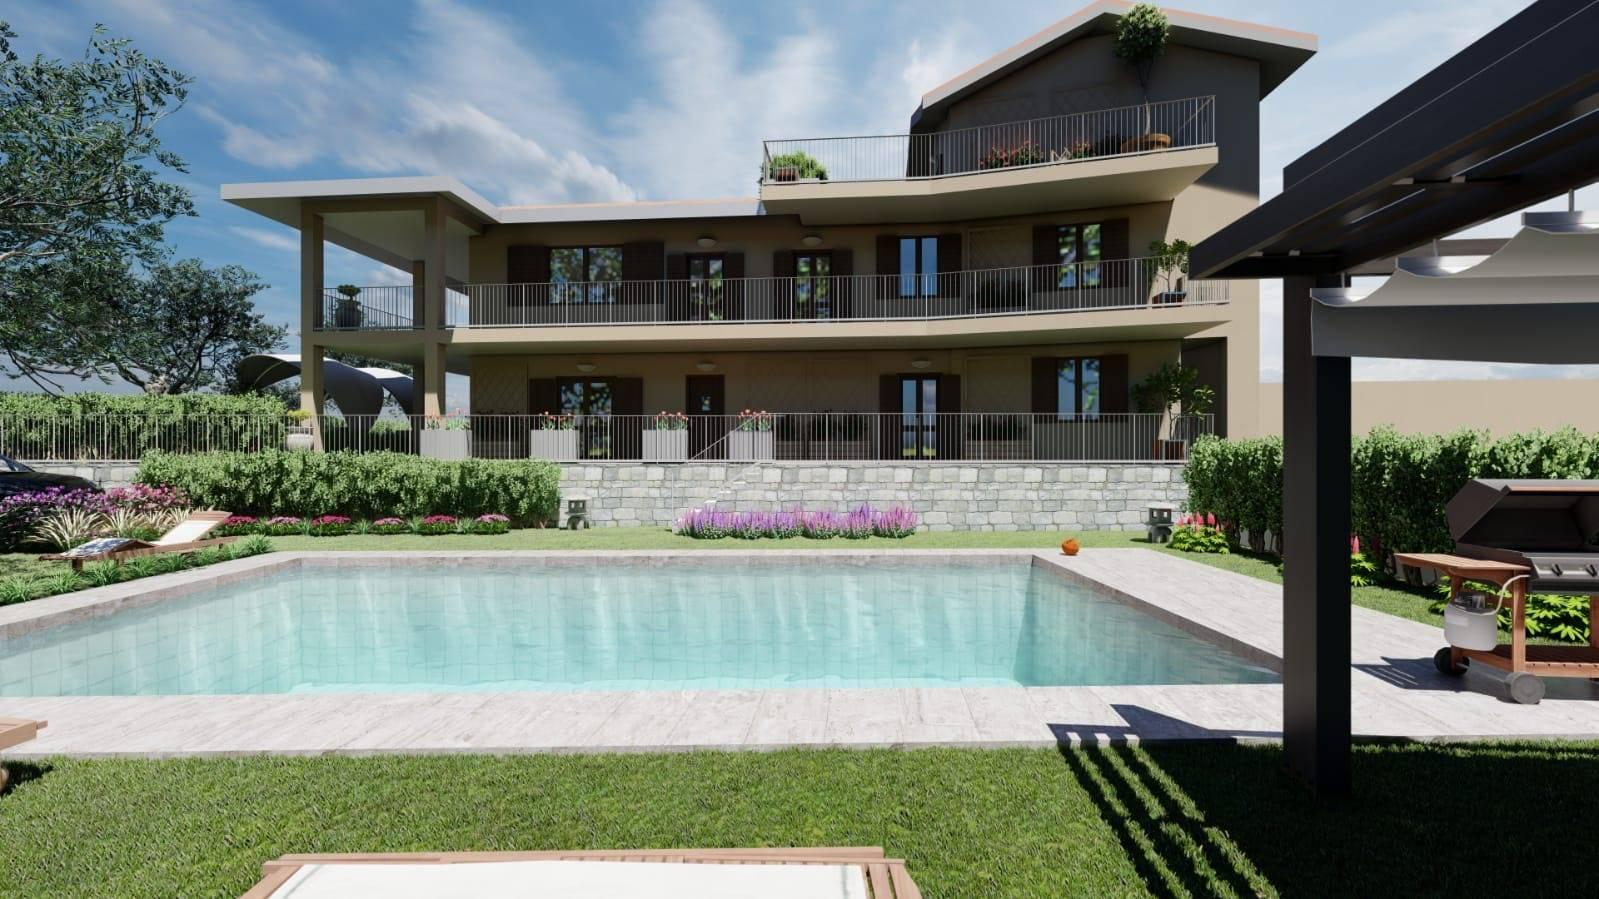 Appartamento in vendita a Soiano del Lago, 2 locali, zona Zona: Chizzoline, prezzo € 195.000 | CambioCasa.it